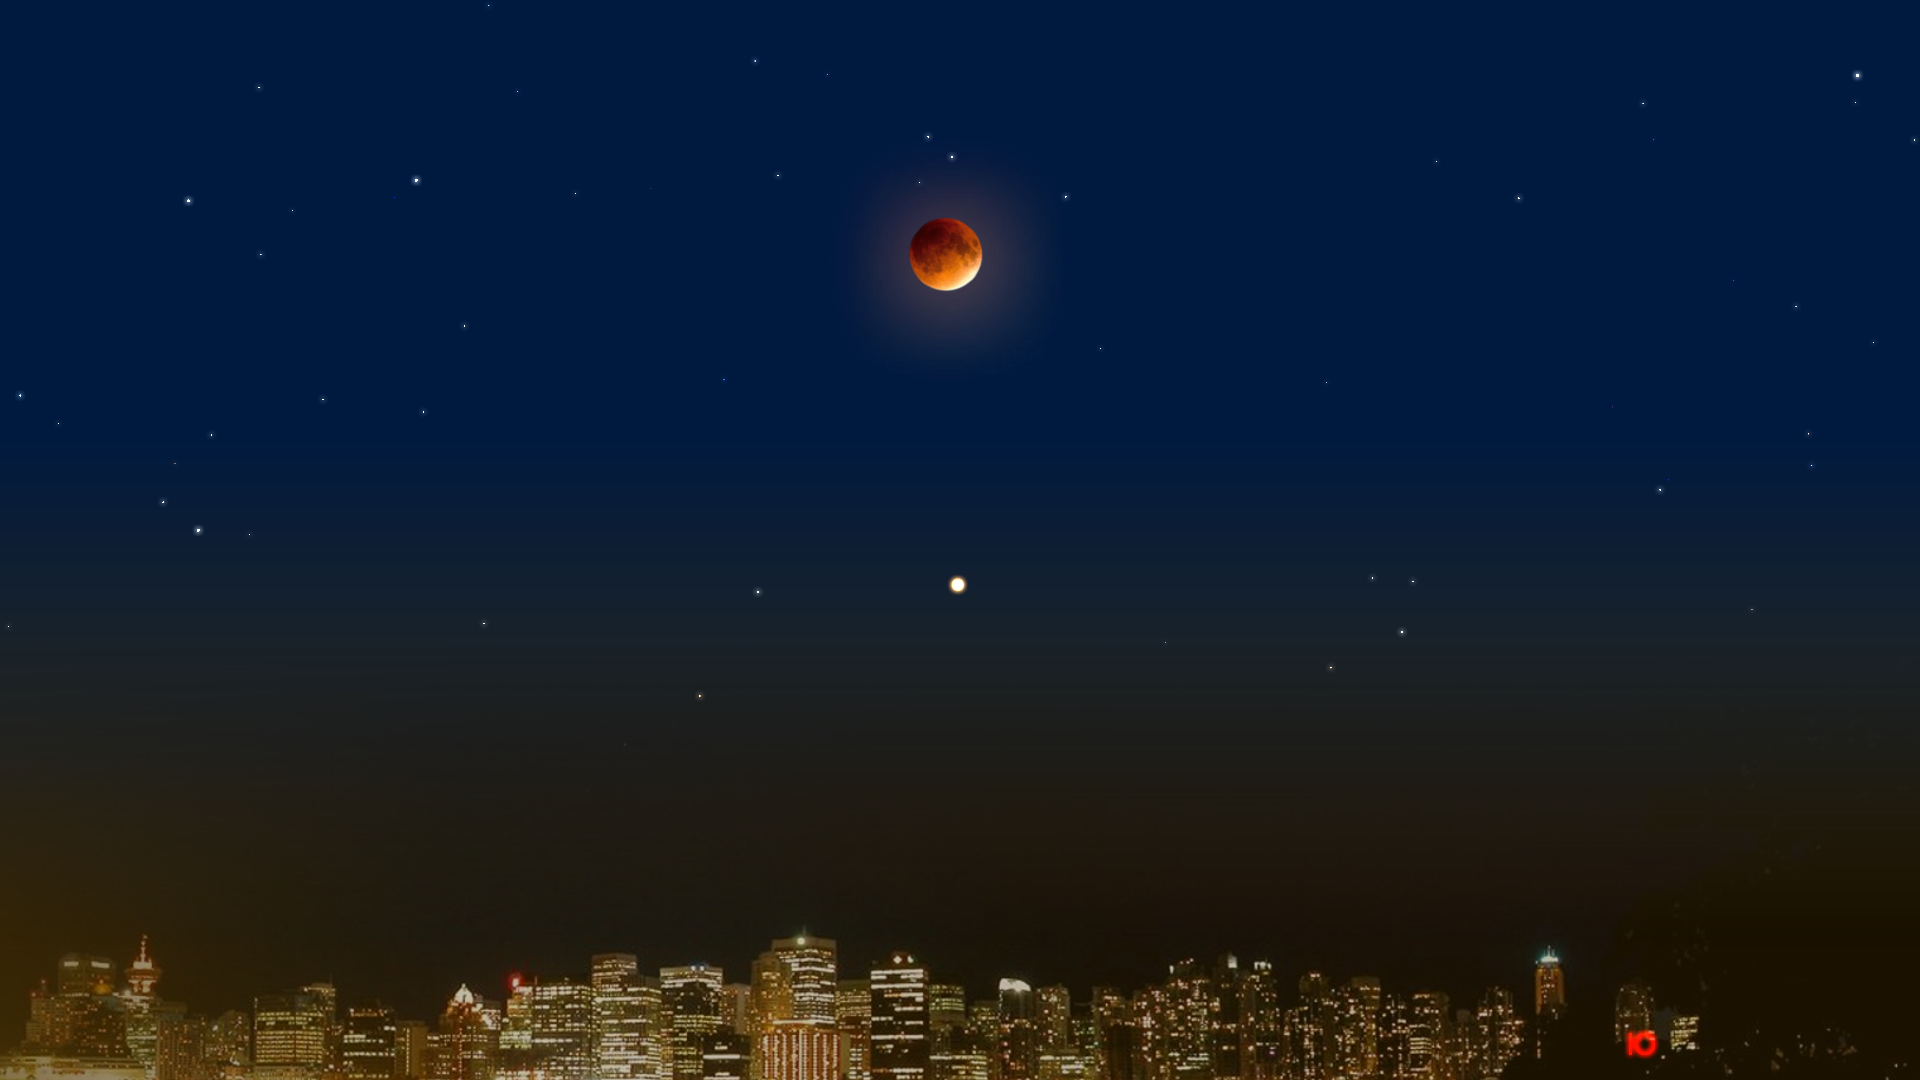 27 июля 2018 года - полное лунное затмение и великое противостояние Марса